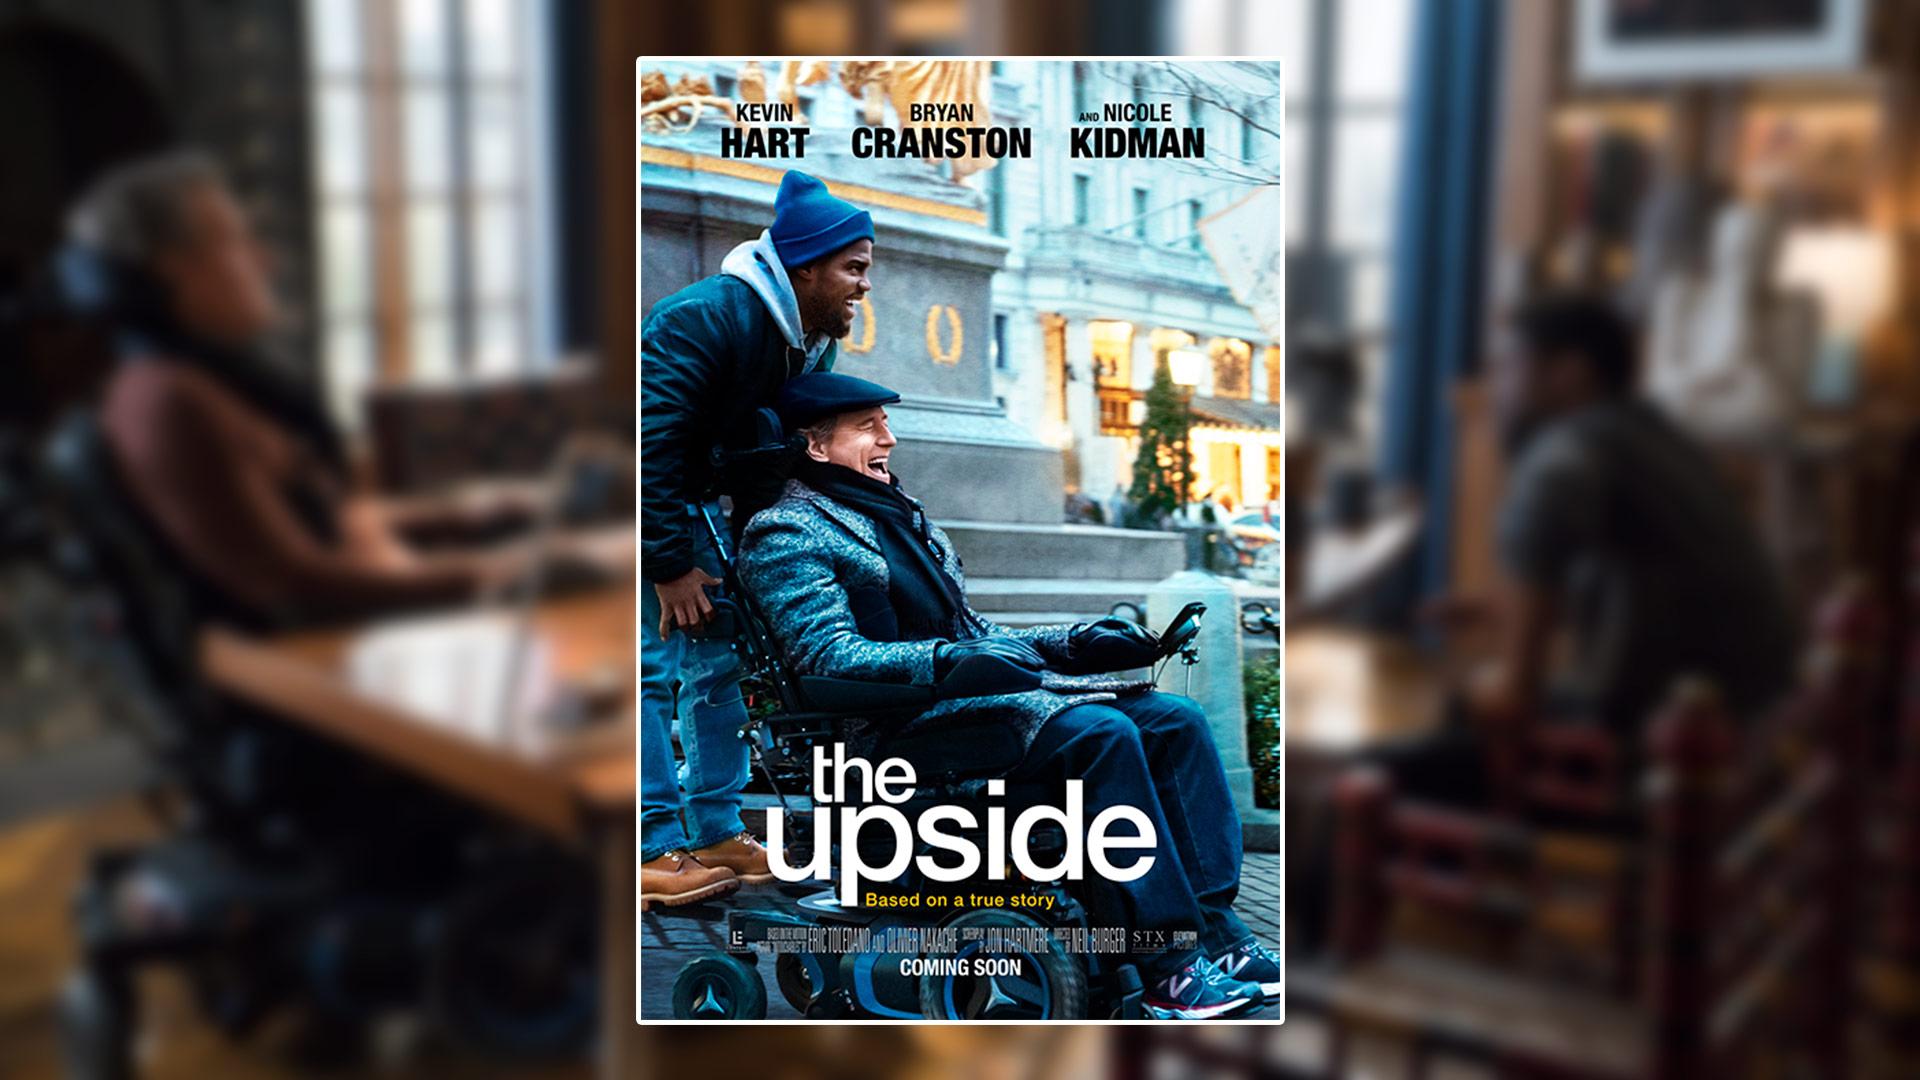 Critique du film The Upside avec Kevin Hart et Bryan Cranston